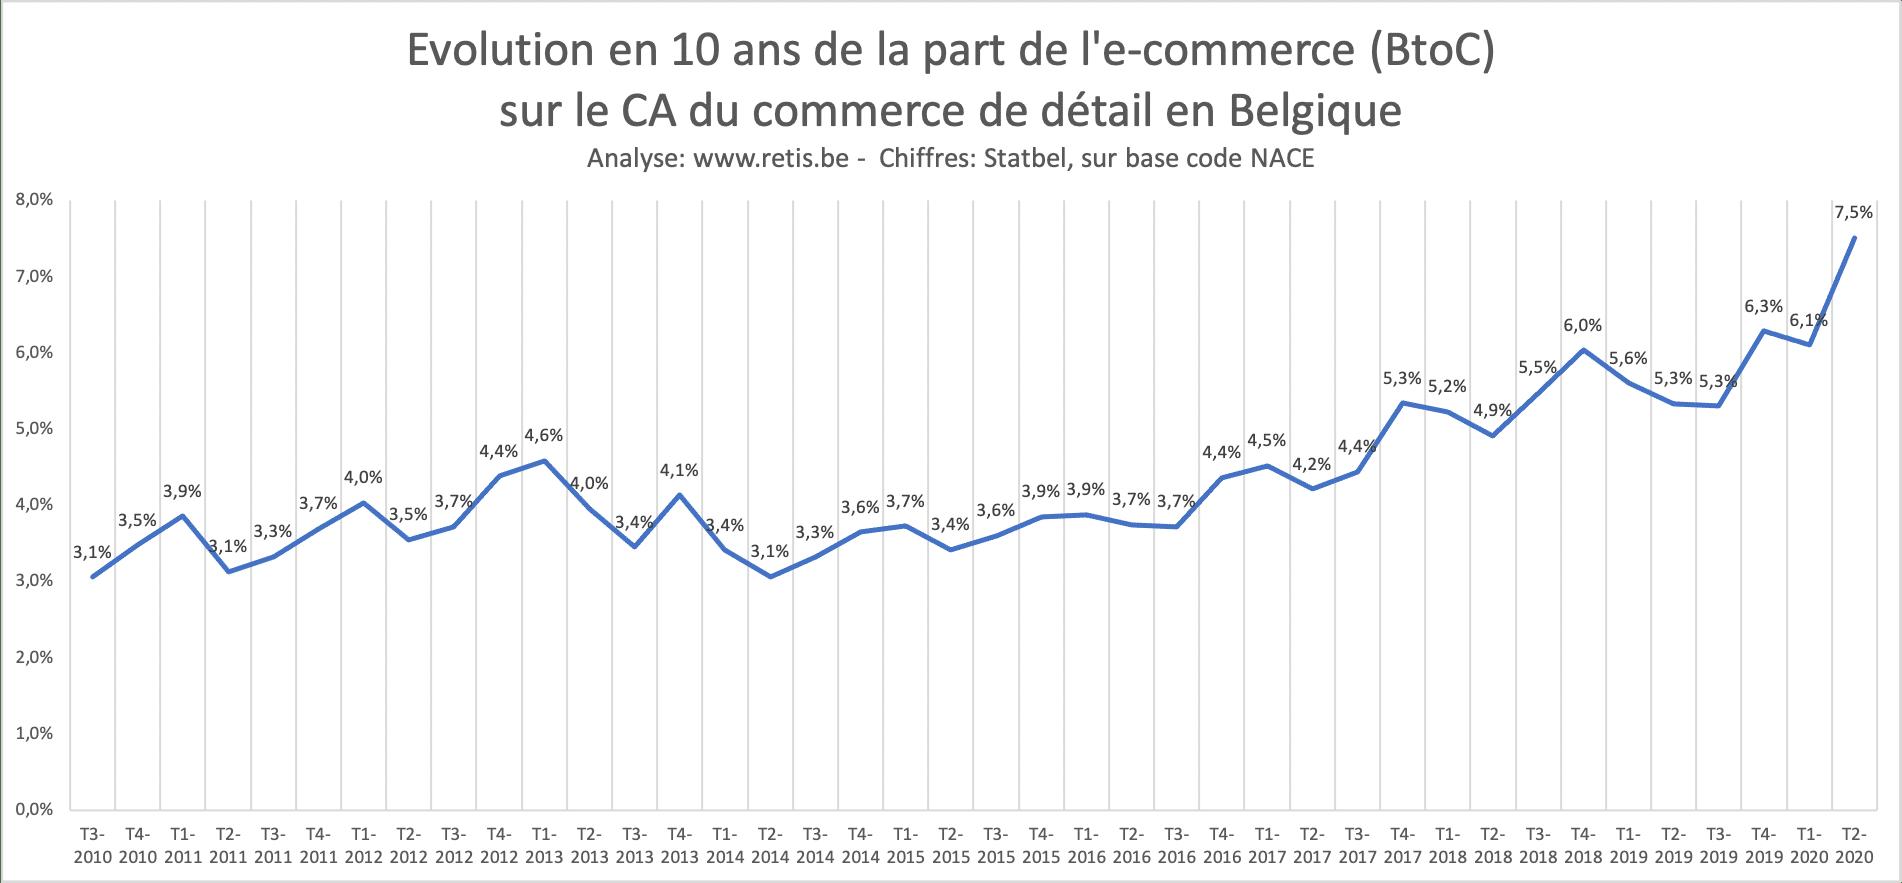 Evolution de la part de l'e-commerce sur le commerce de détail en Belgique, BtoC, sur base de la TVA